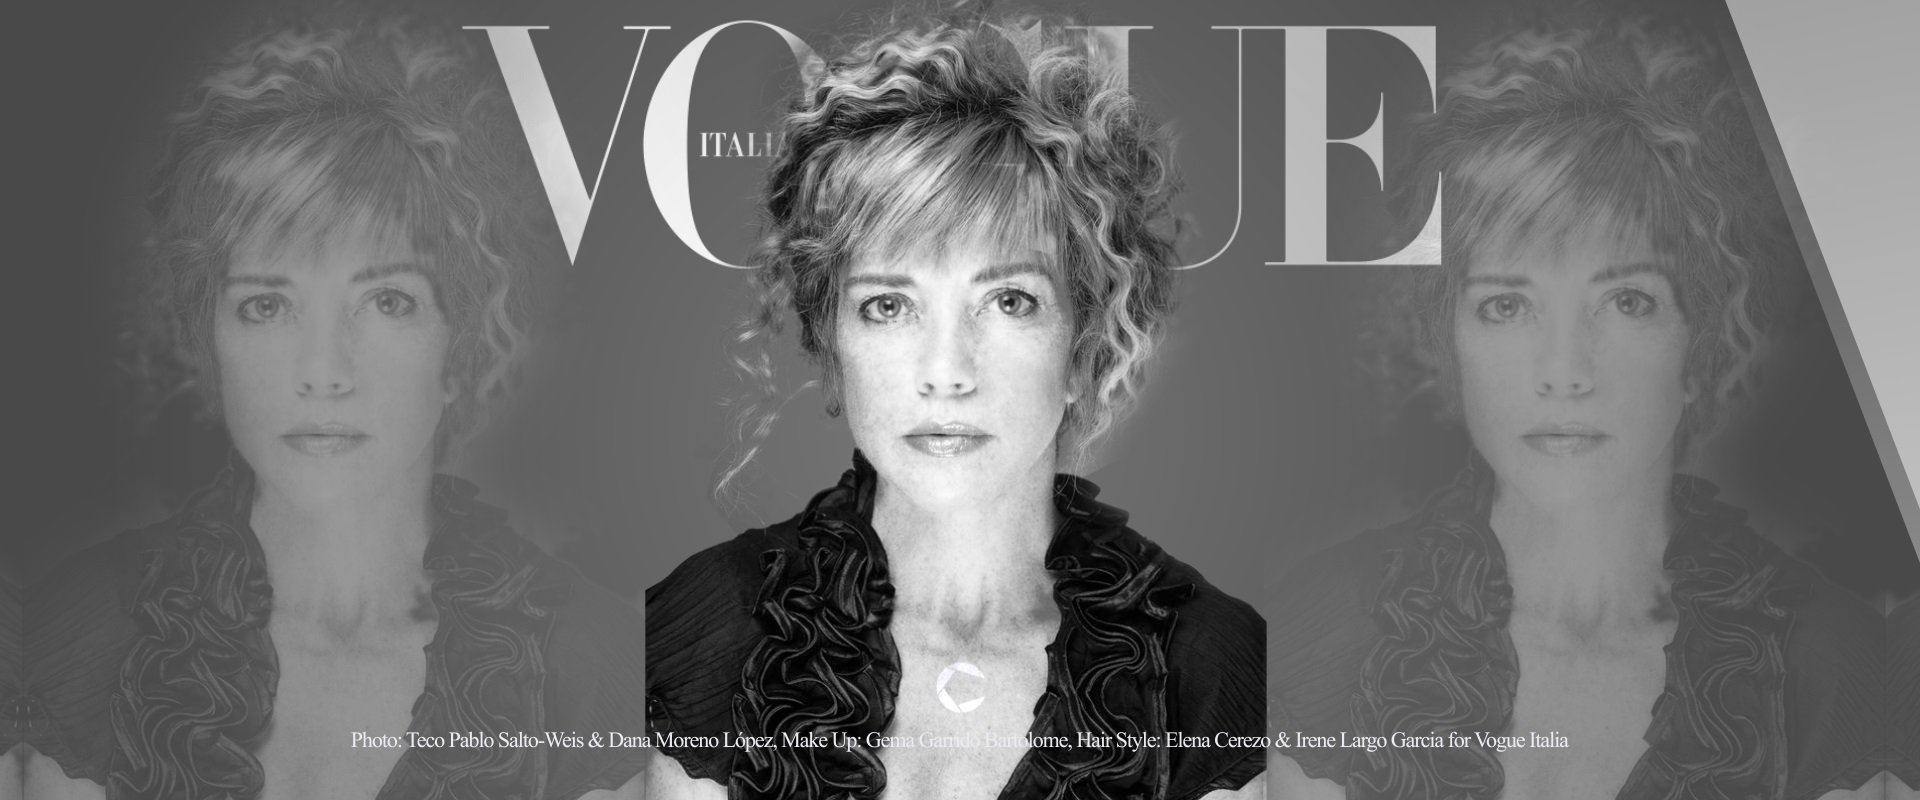 https://www.perfectpixel.es/wp-content/uploads/2015/01/Vogue-Italia-vogue.it-Fashion-Photography-Fotograf%C3%ADa-Moda-PerfectPixel-Publicidad-9.jpg